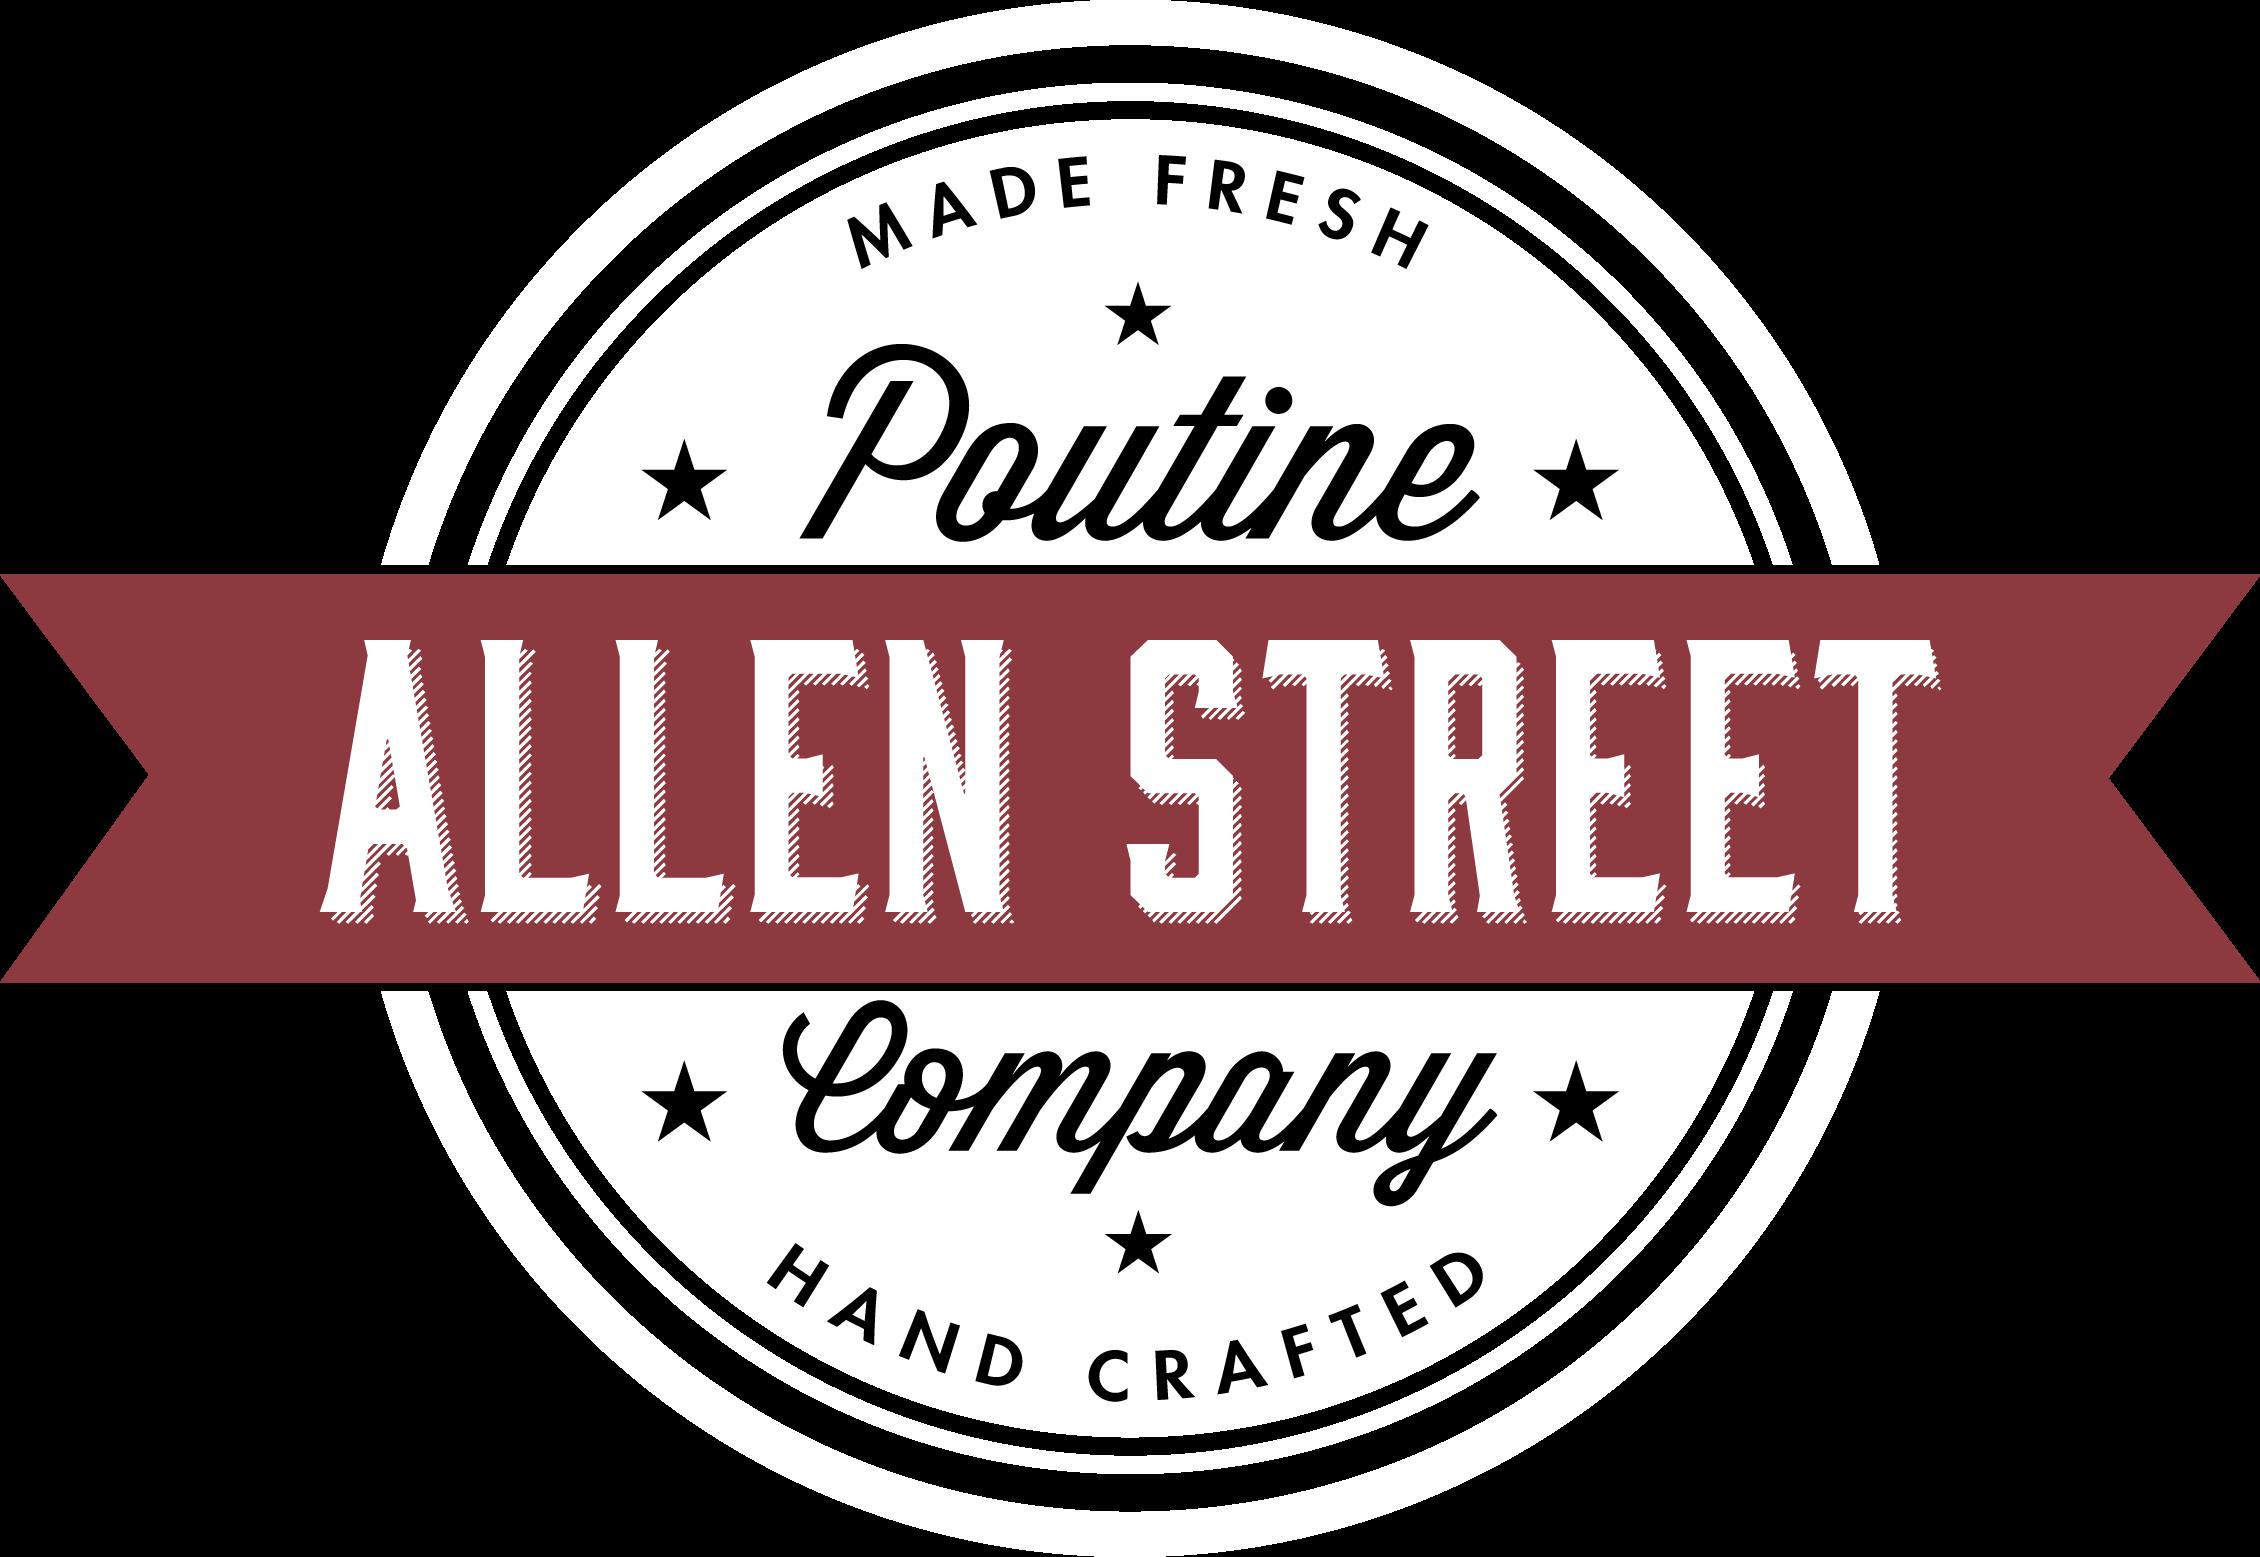 poutine company - allen street